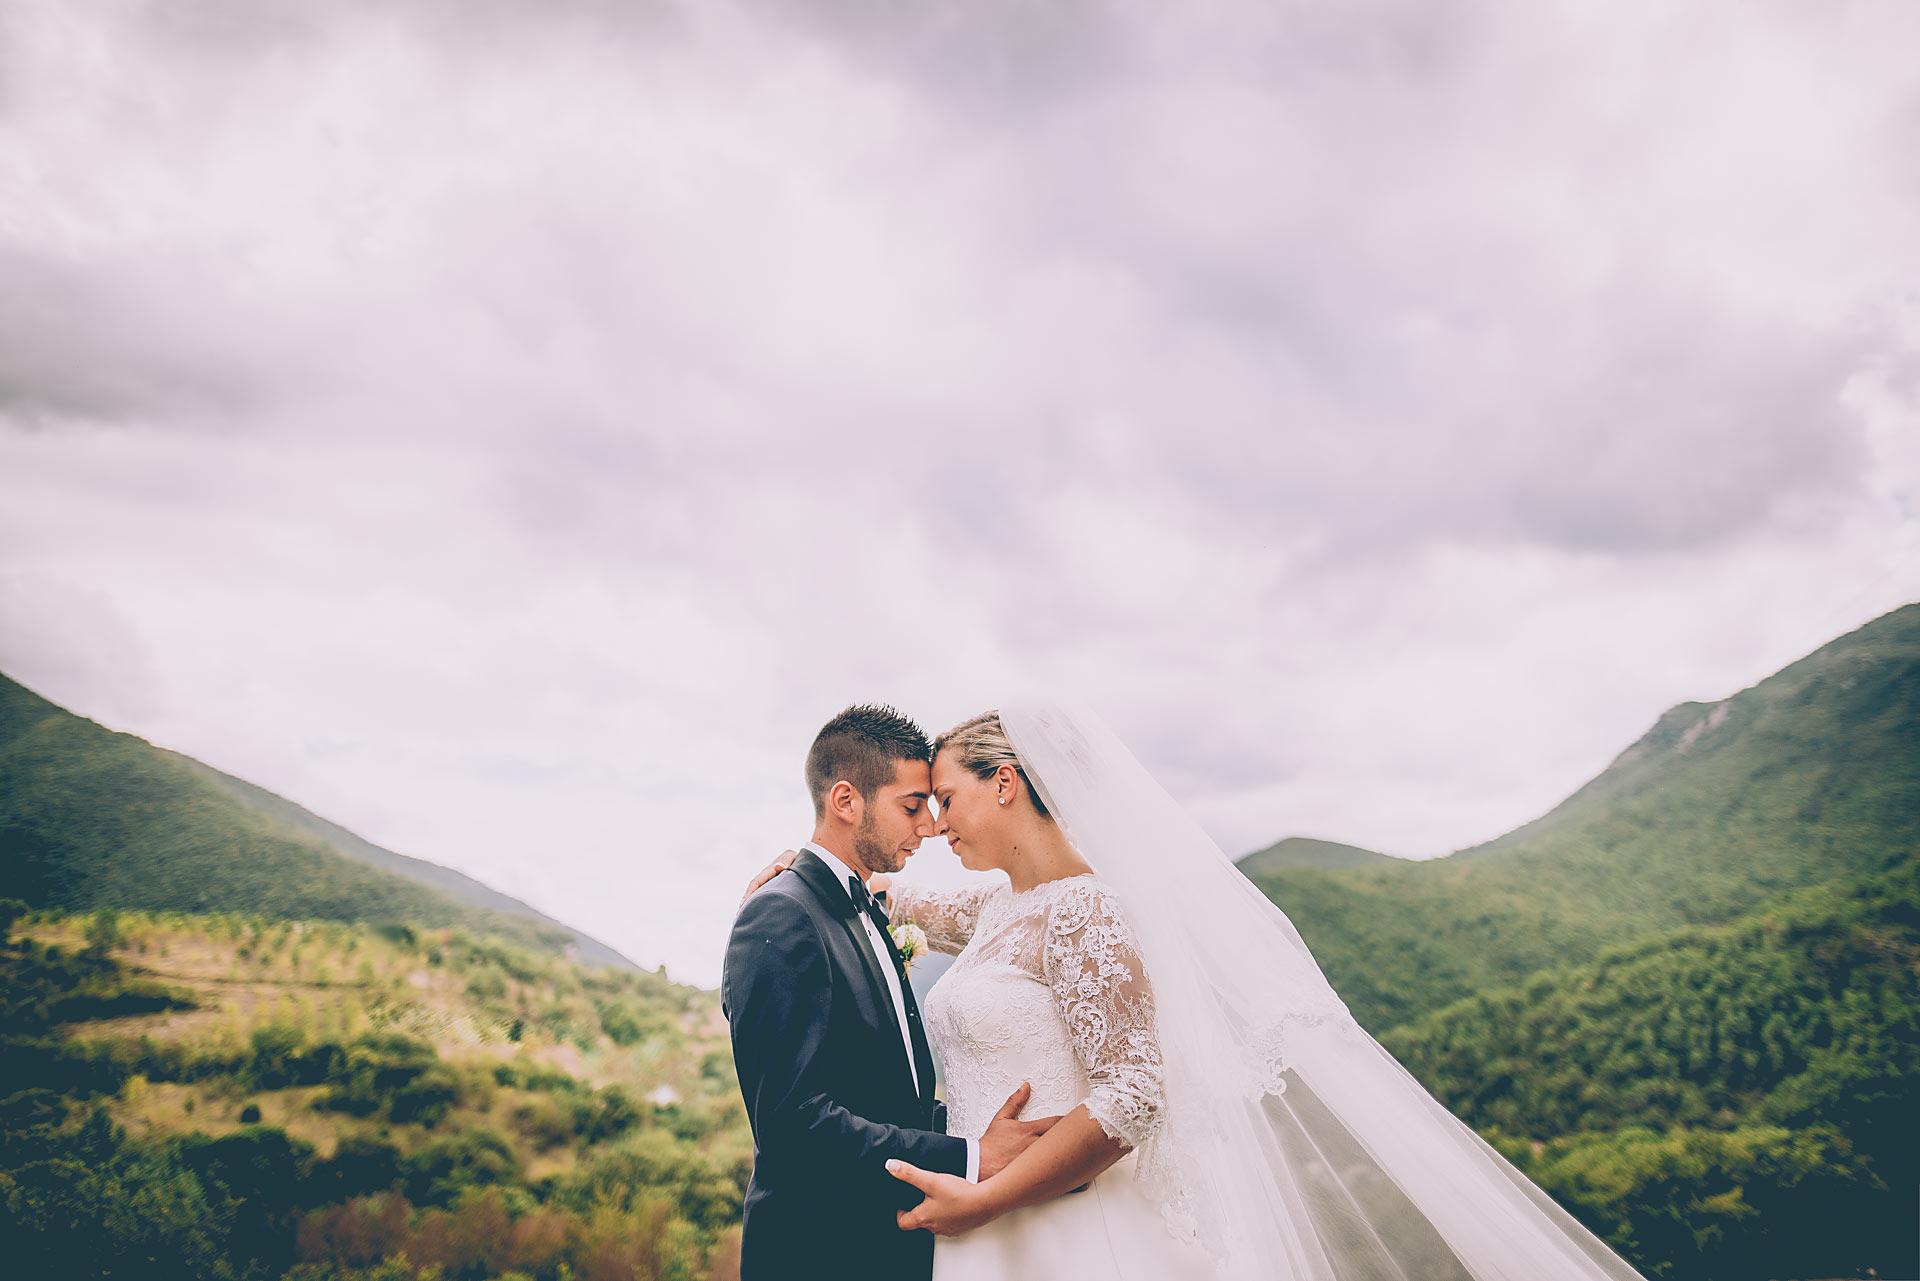 foto-ritratti-matrimonio-roma-14